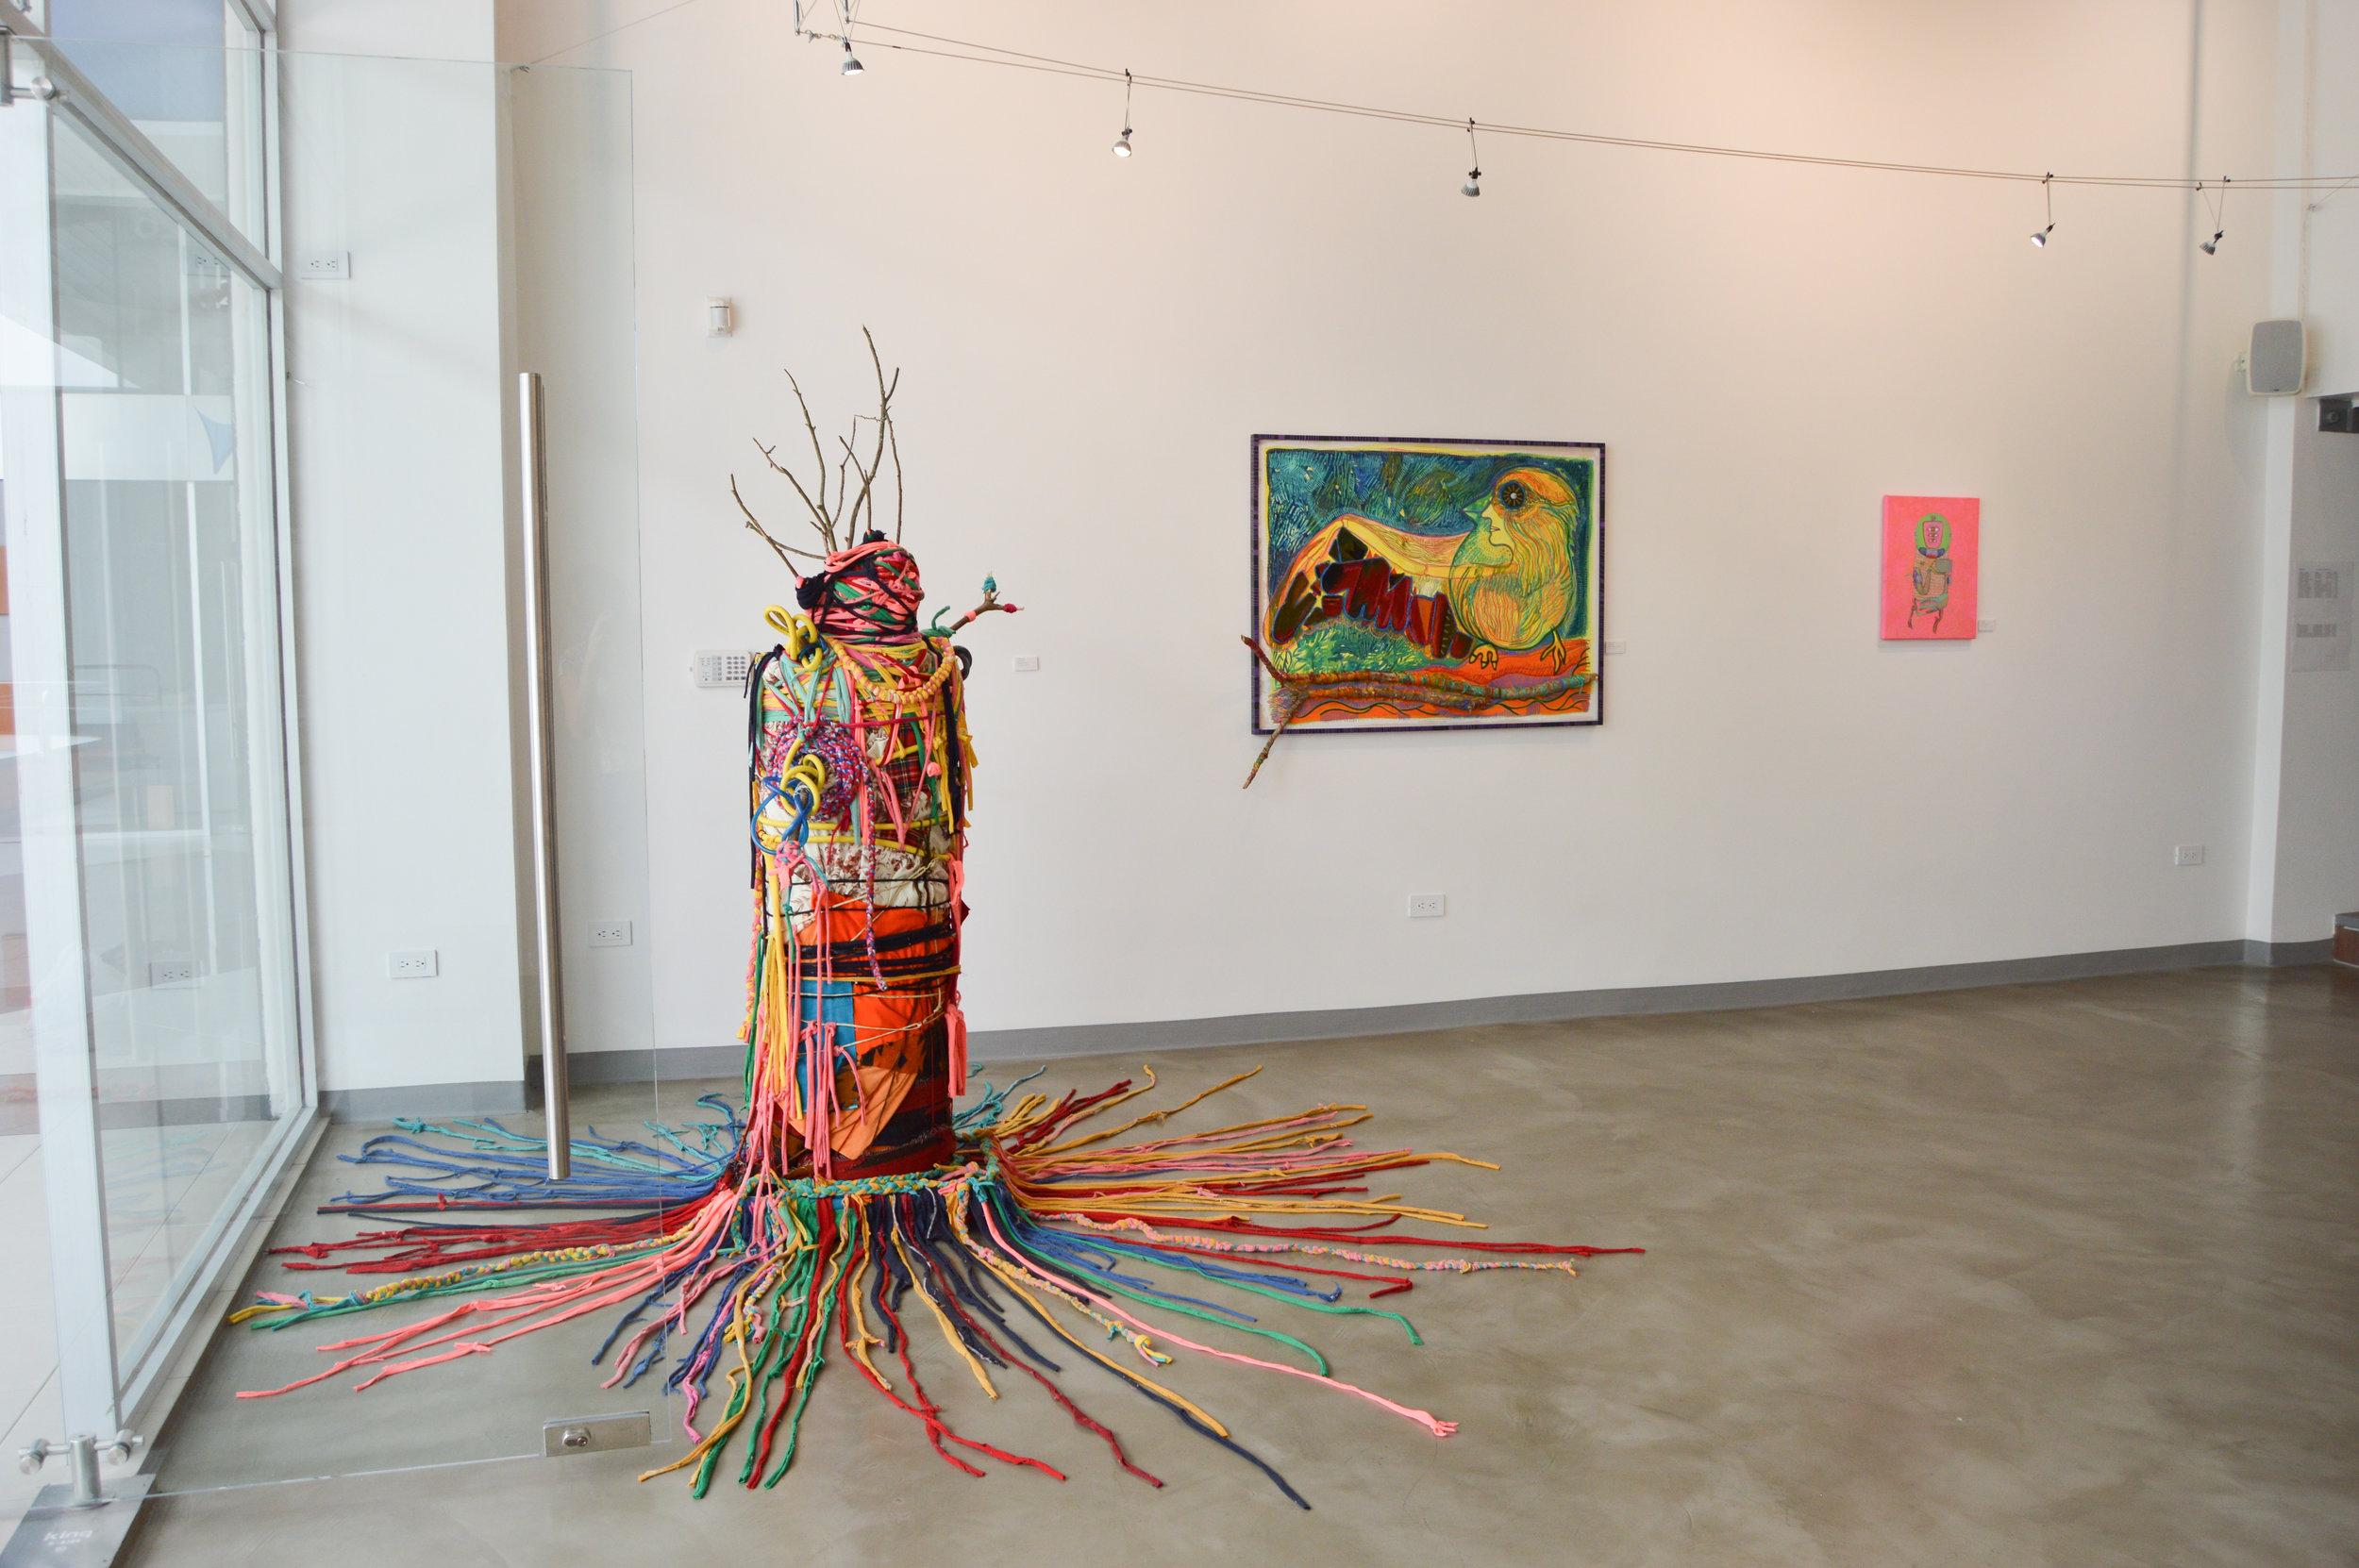 expo mas arte (2 de 17) copia.jpg